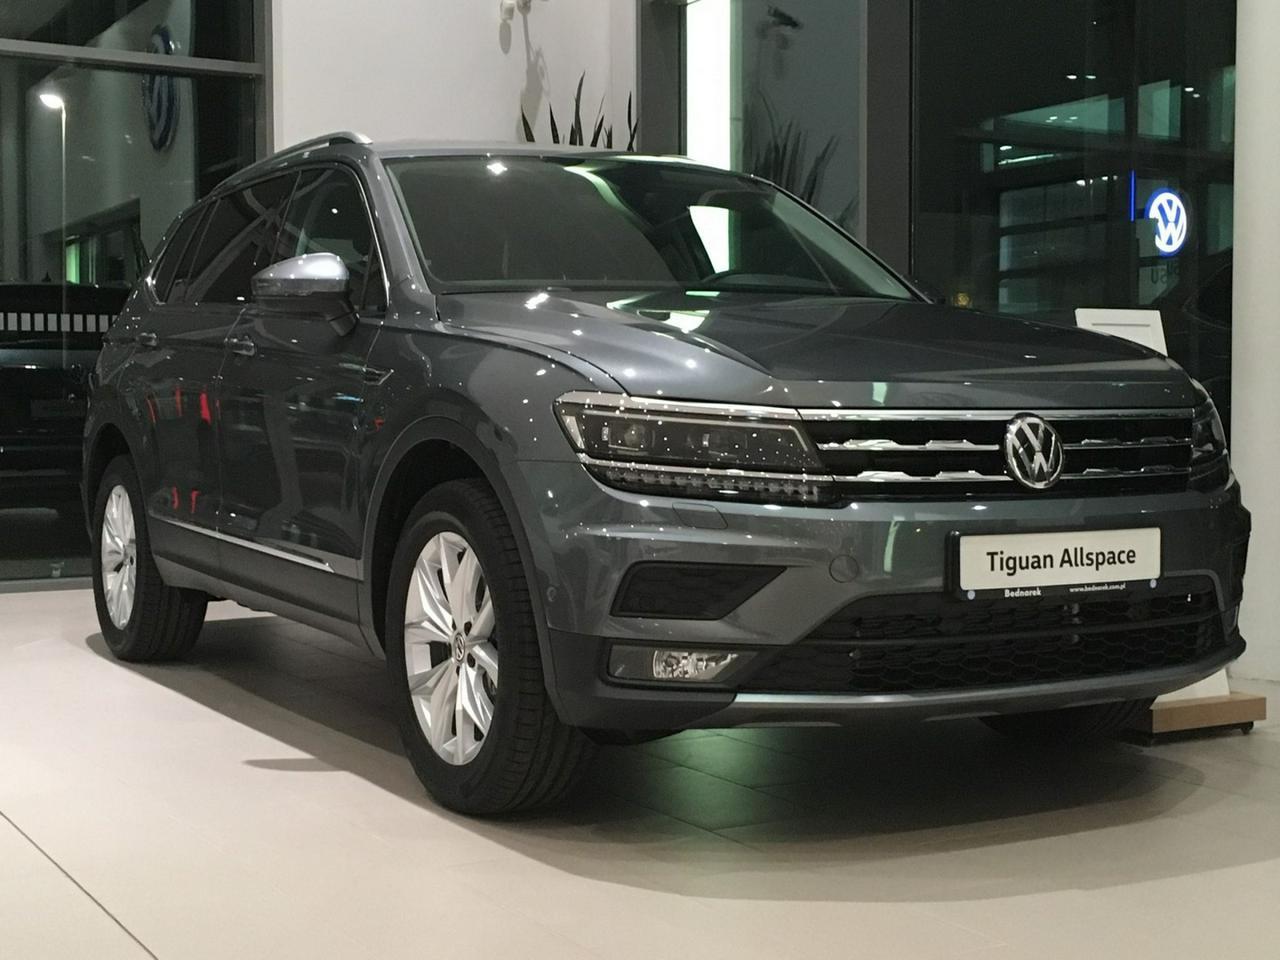 Volkswagen Tiguan Allspace Comfortline 1.4 TSI ACT